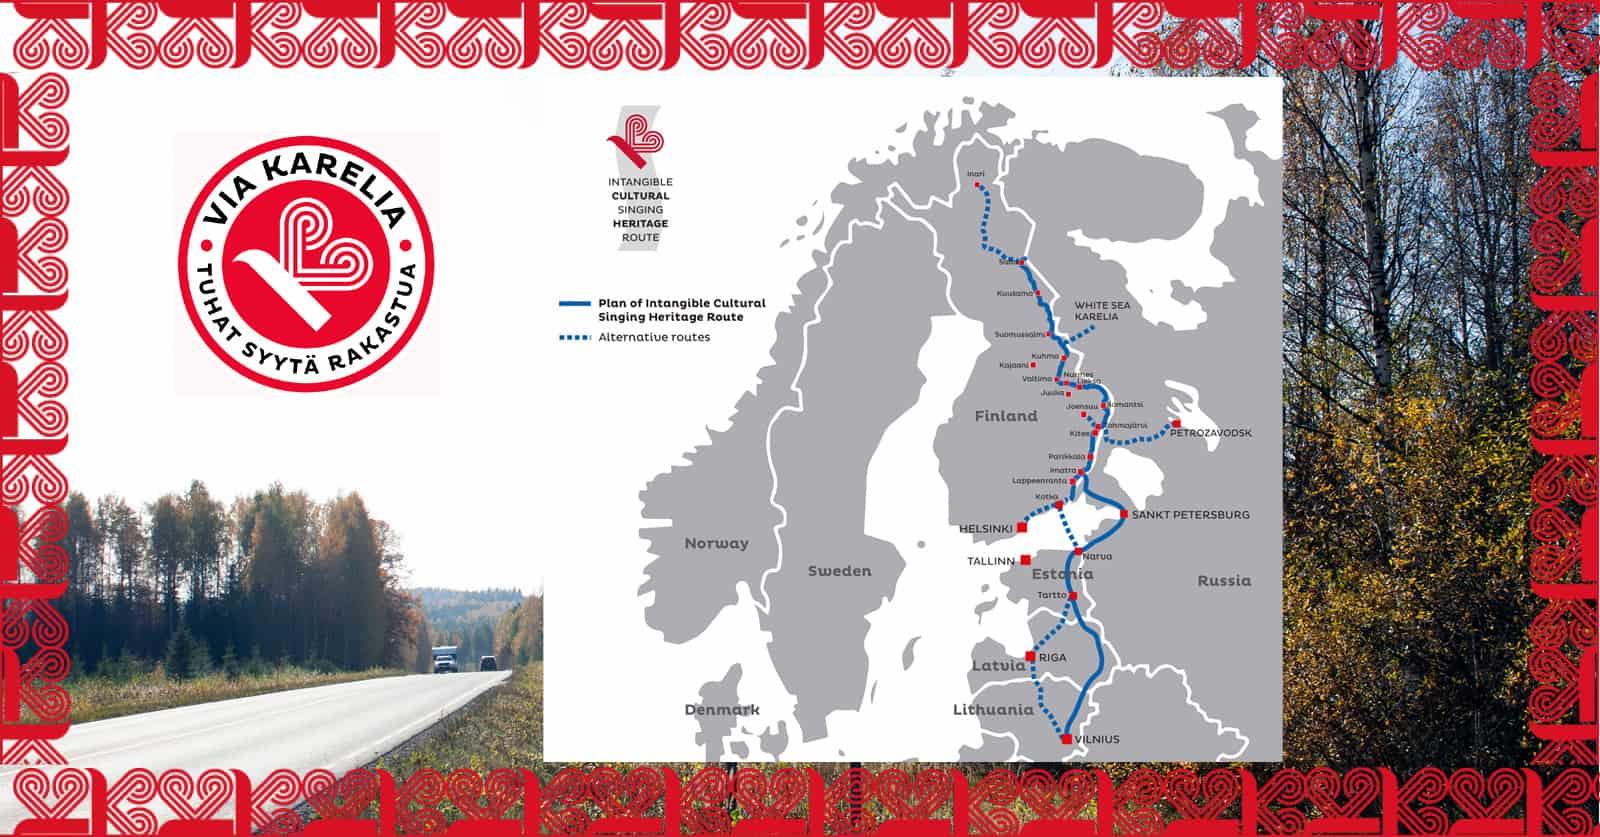 Via Karelia reitti kartalla ja logo